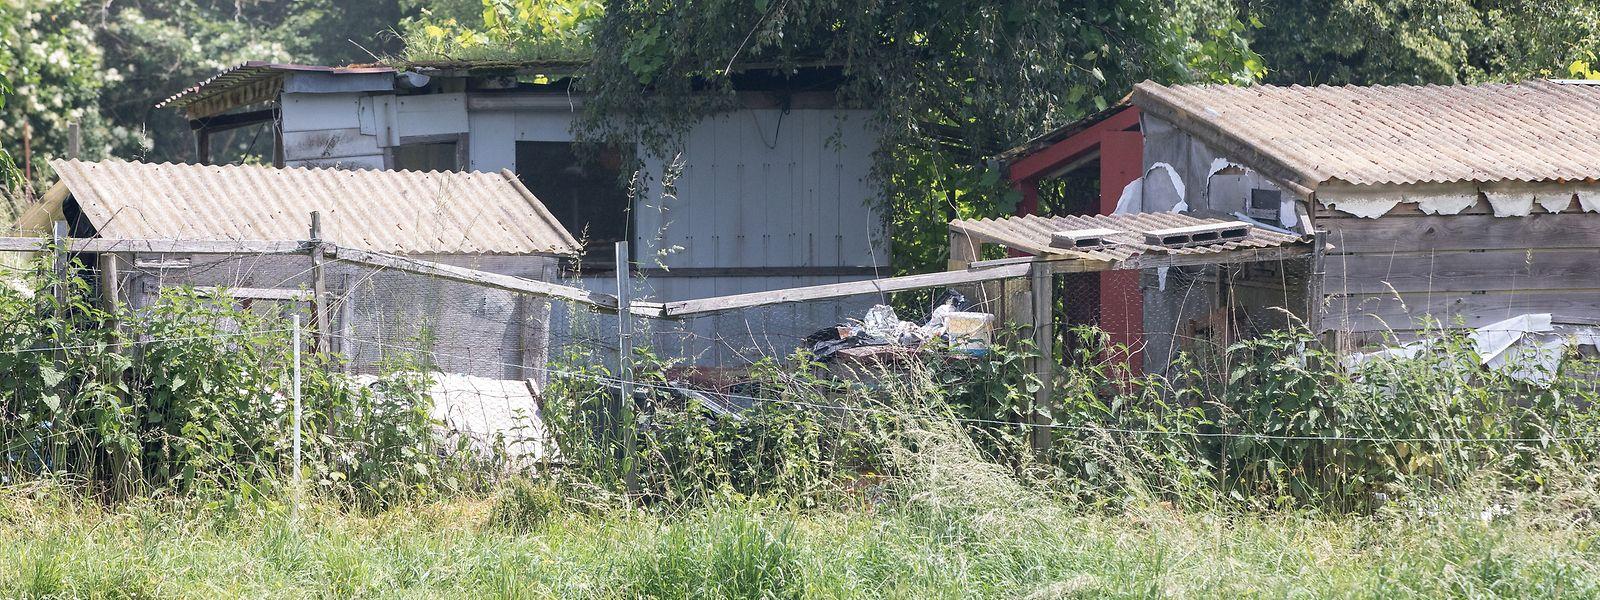 Andris L. lebt seit 2014 im Großherzogtum. 2017 richtet der Obdachlose sich in einer Hütte in einem verlassenen Schrebergarten in Merl ein – dort, wo ein Erdbeersammler aus der Nachbarschaft im Mai 2018 die verwesende Leiche von Attila V. entdeckt.